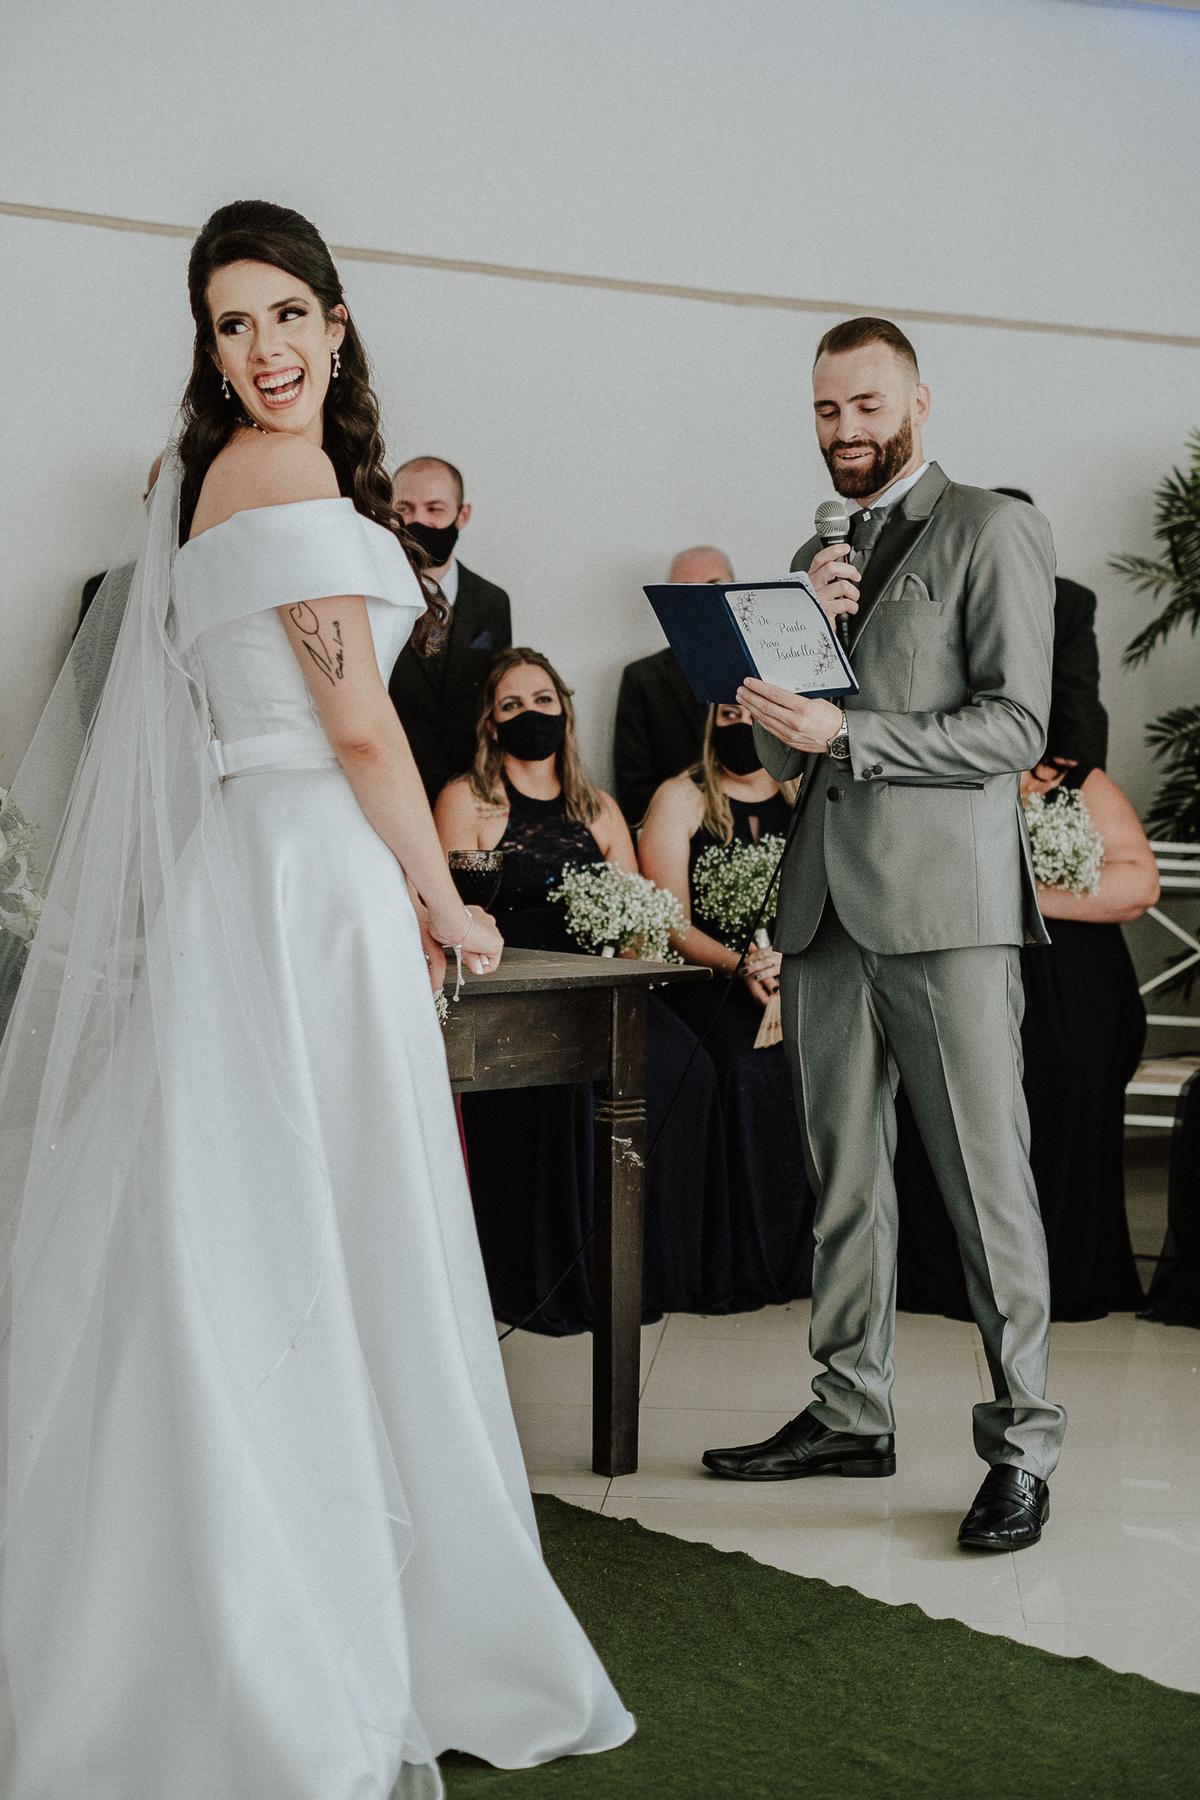 entrada da noiva casamentos de dia fotografia de casamento fotos por caio henrique entrada da noiva mini wedding noivos sorrindo votos do casal